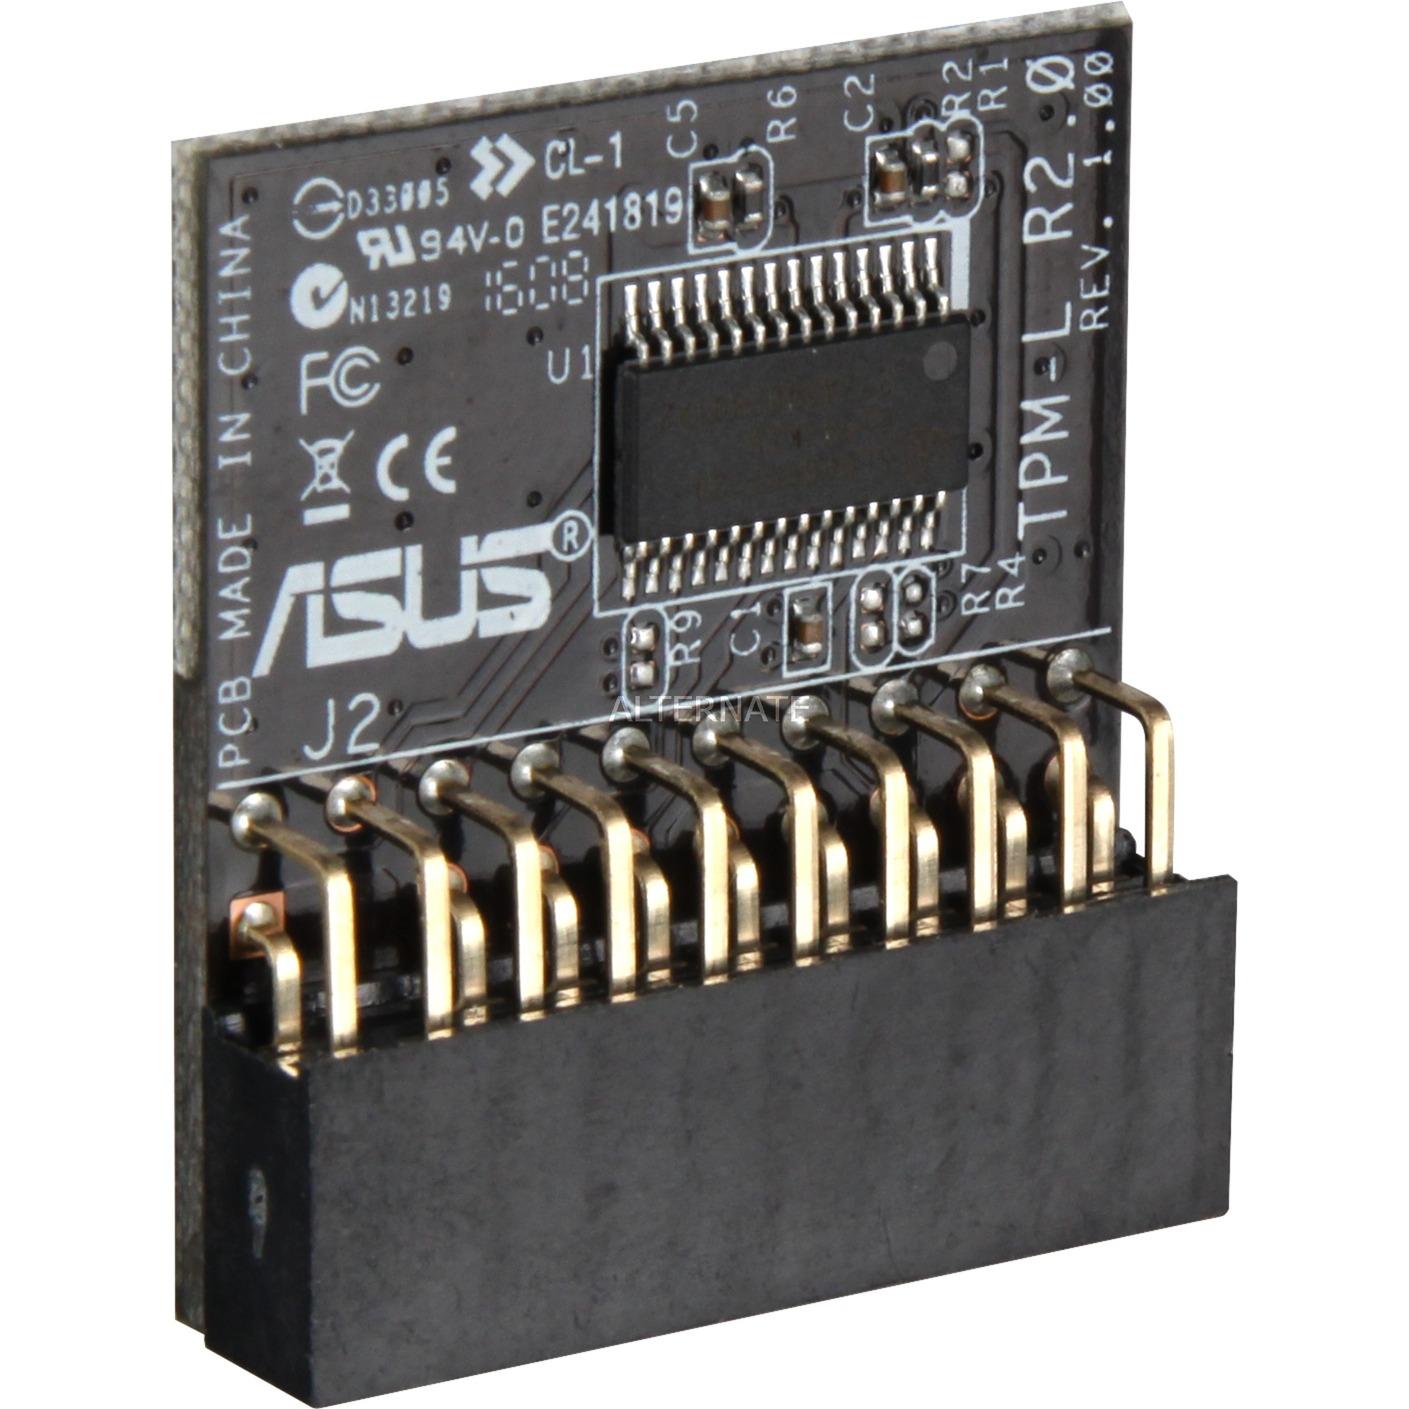 90MC0410-M0XBN0, TPM